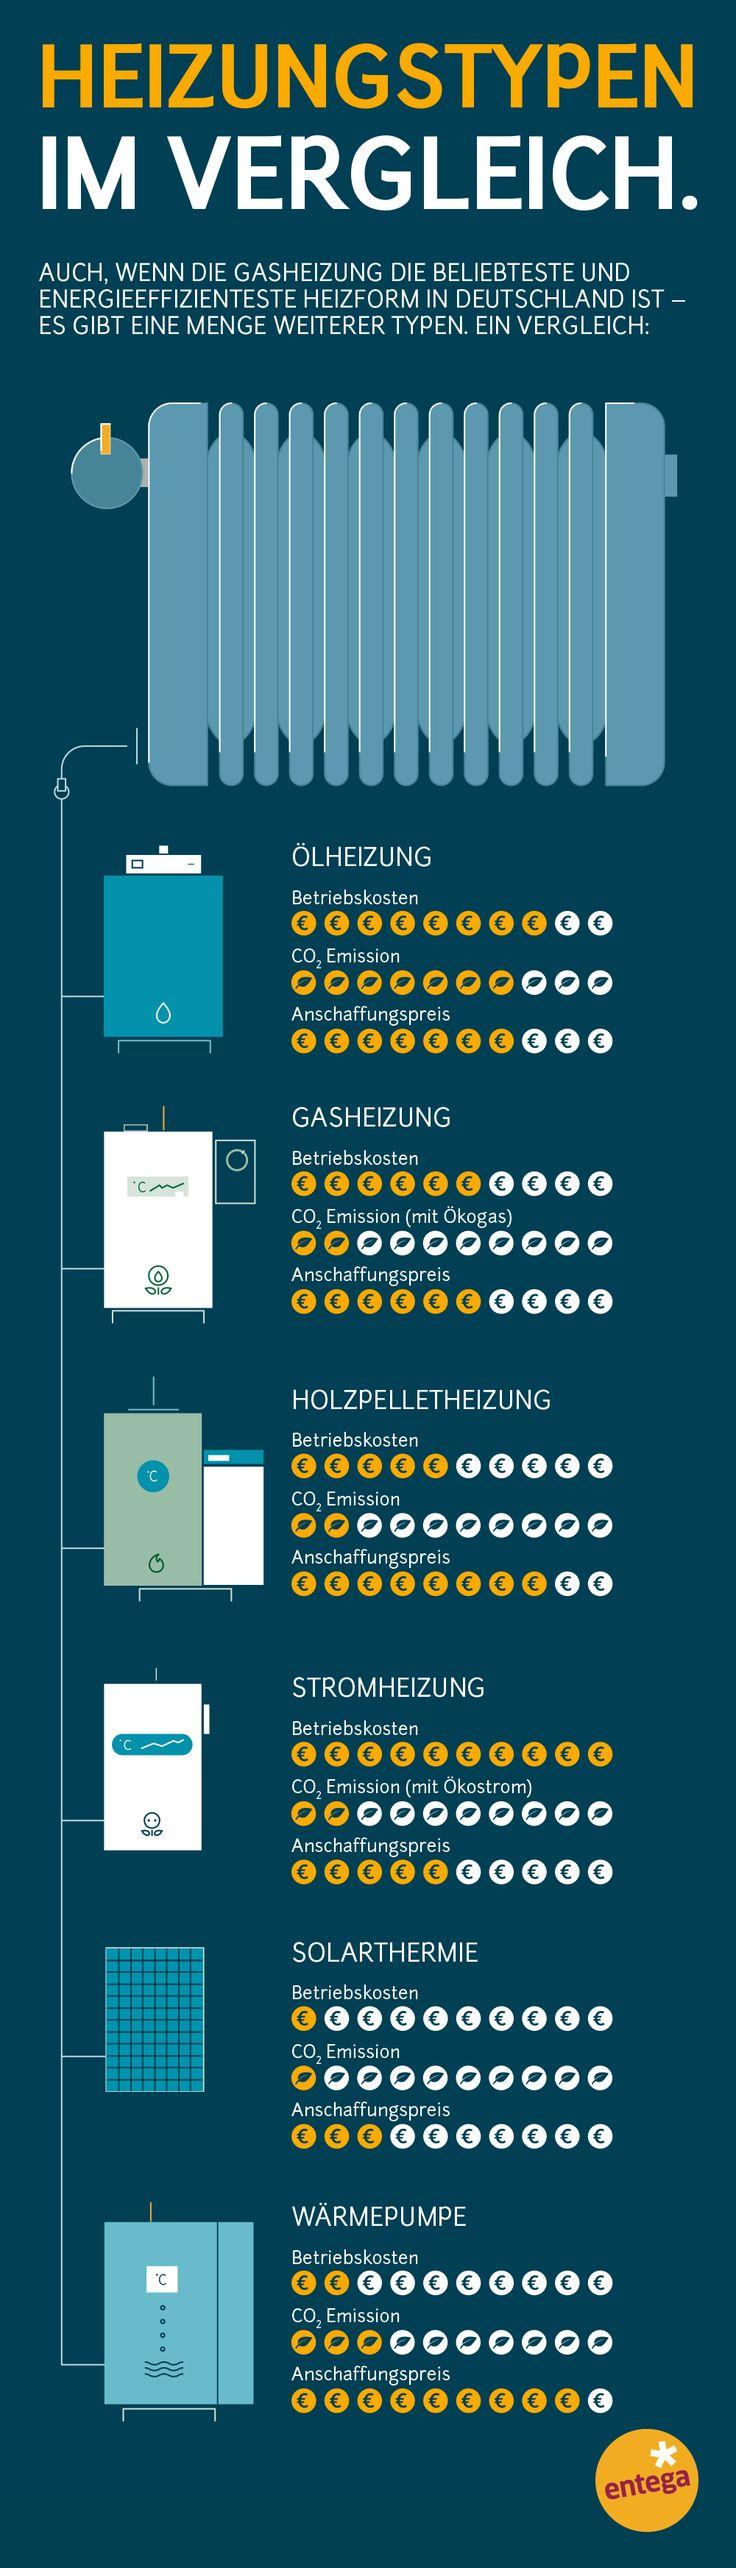 Gaz, électricité, huile ou pellets: tout ce que vous devez savoir sur l'installation, les coûts, les avantages et …